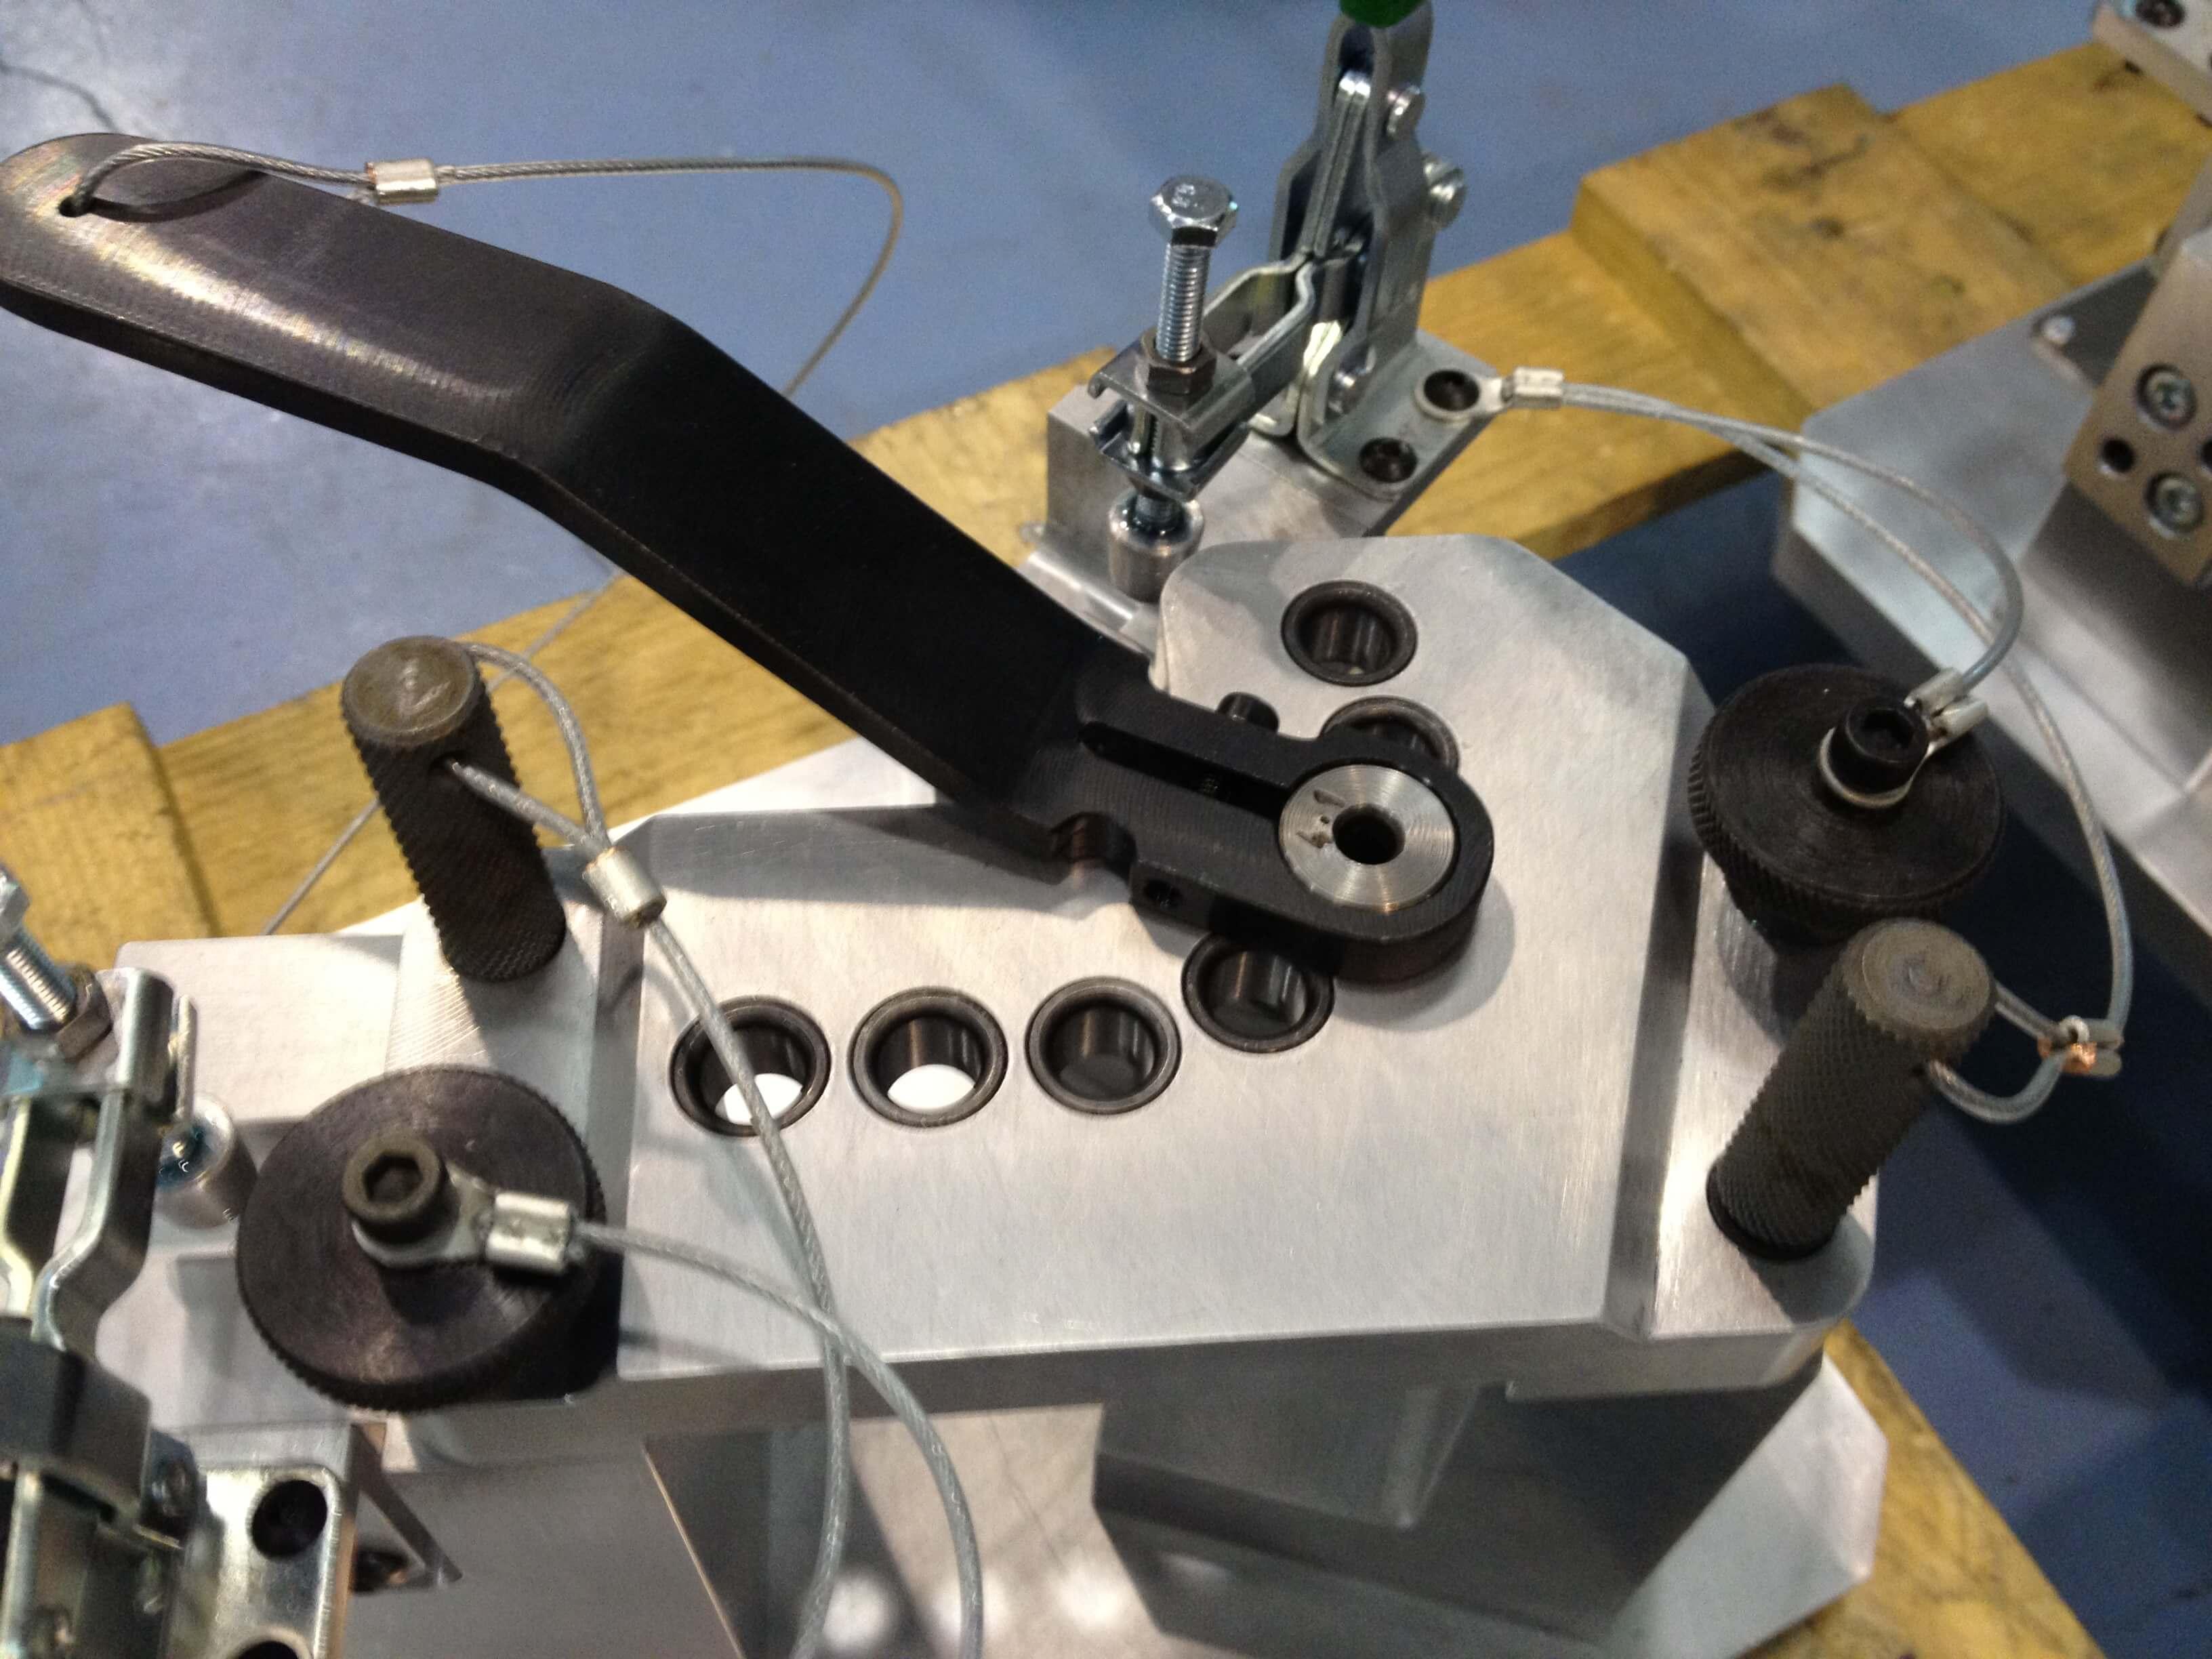 IMG 0116 - Plantillas de montaje y taladrado